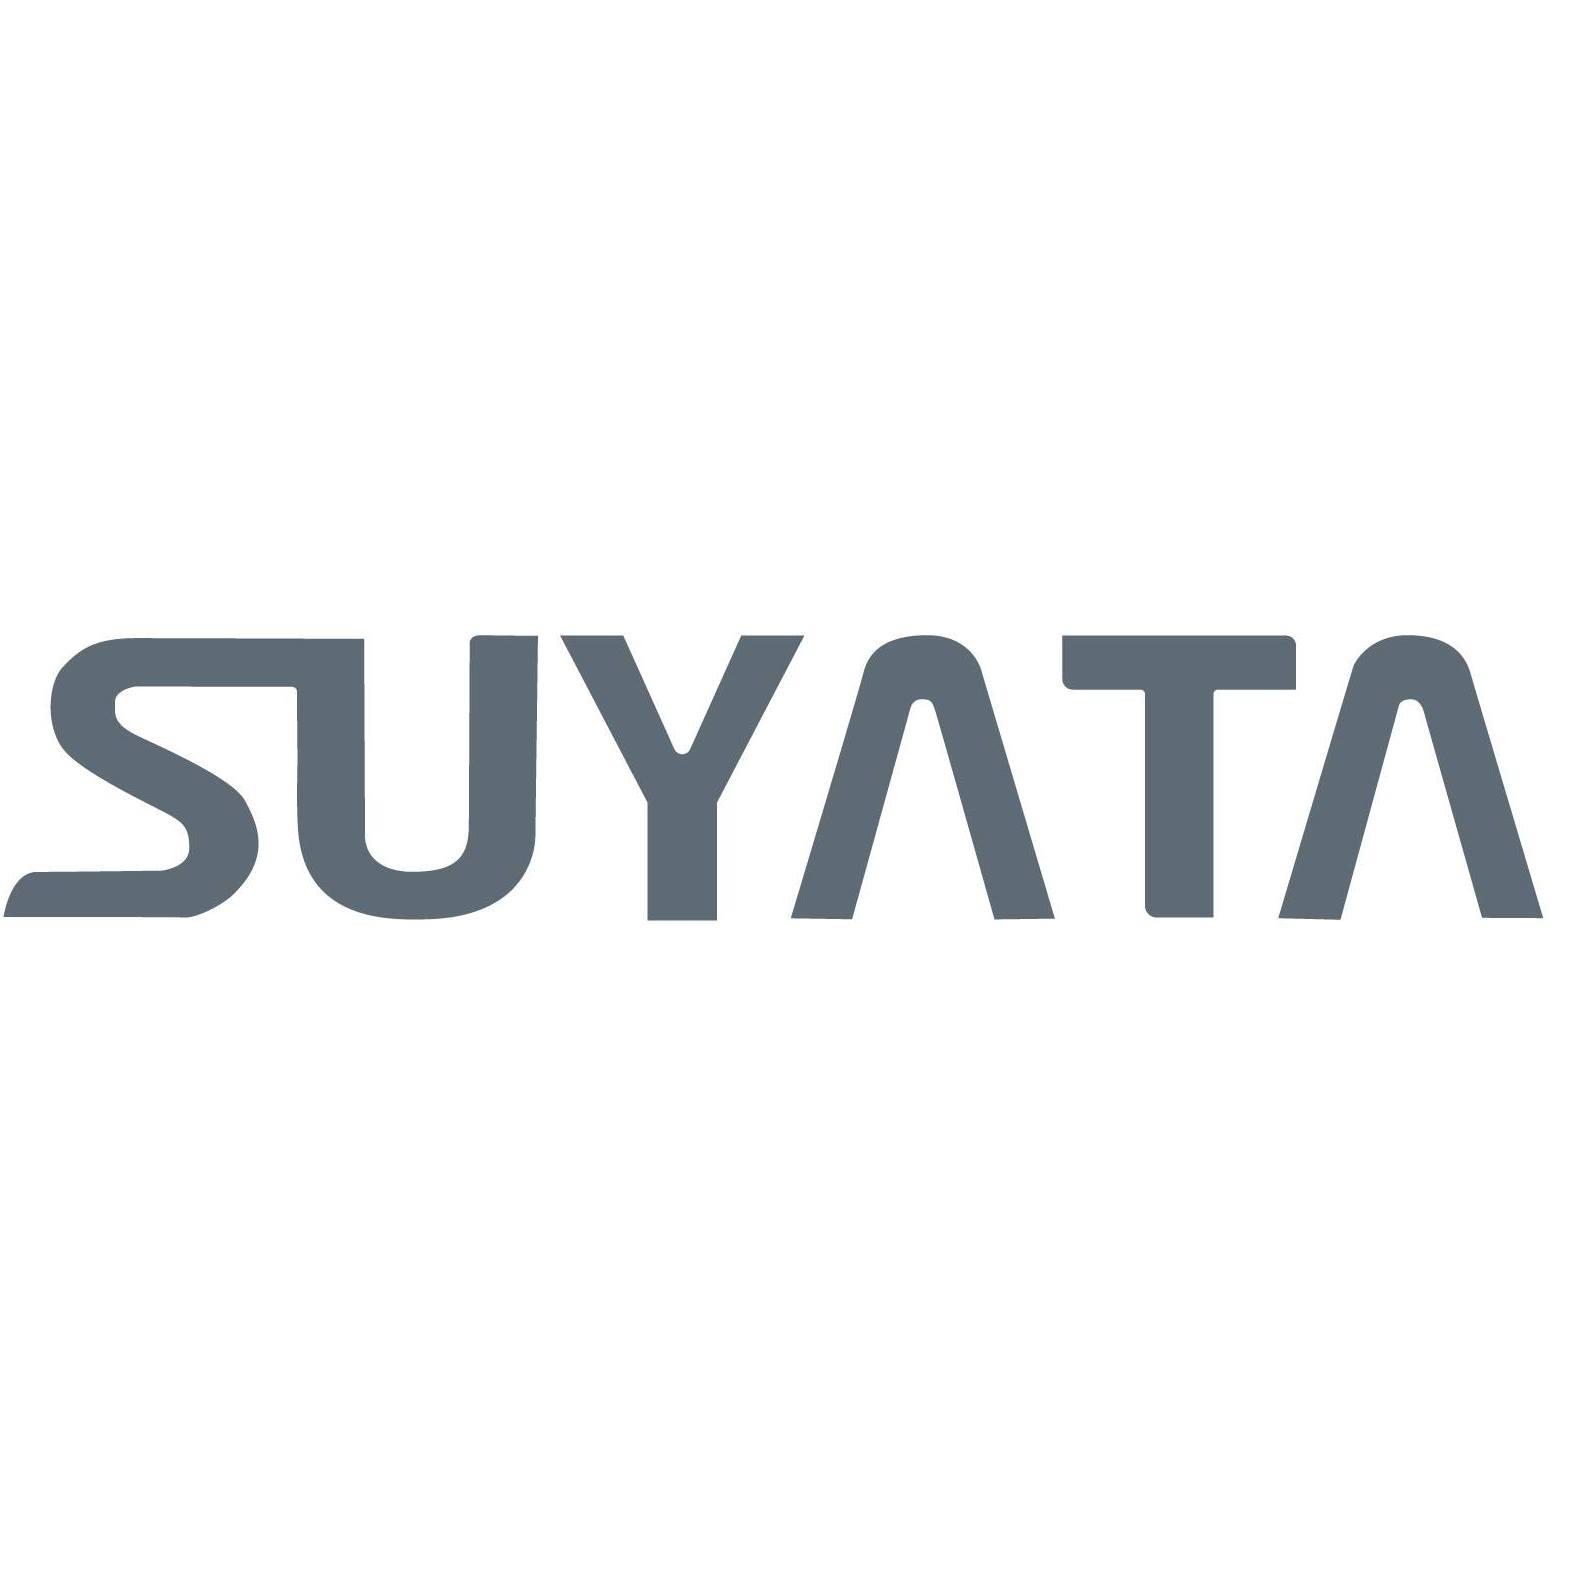 SUYATA MODEL ผลิตภัณฑ์ของ SUYATA มีความหลากหลาย ตั้งแต่สไตล์การ์ตูนไปจนถึงสไตล์นิยายวิทยาศาสตร์ ตั้งแต่ยานยนต์จักรกลไปจนถึงหุ่นจำลองและสัตว์ต่างๆ